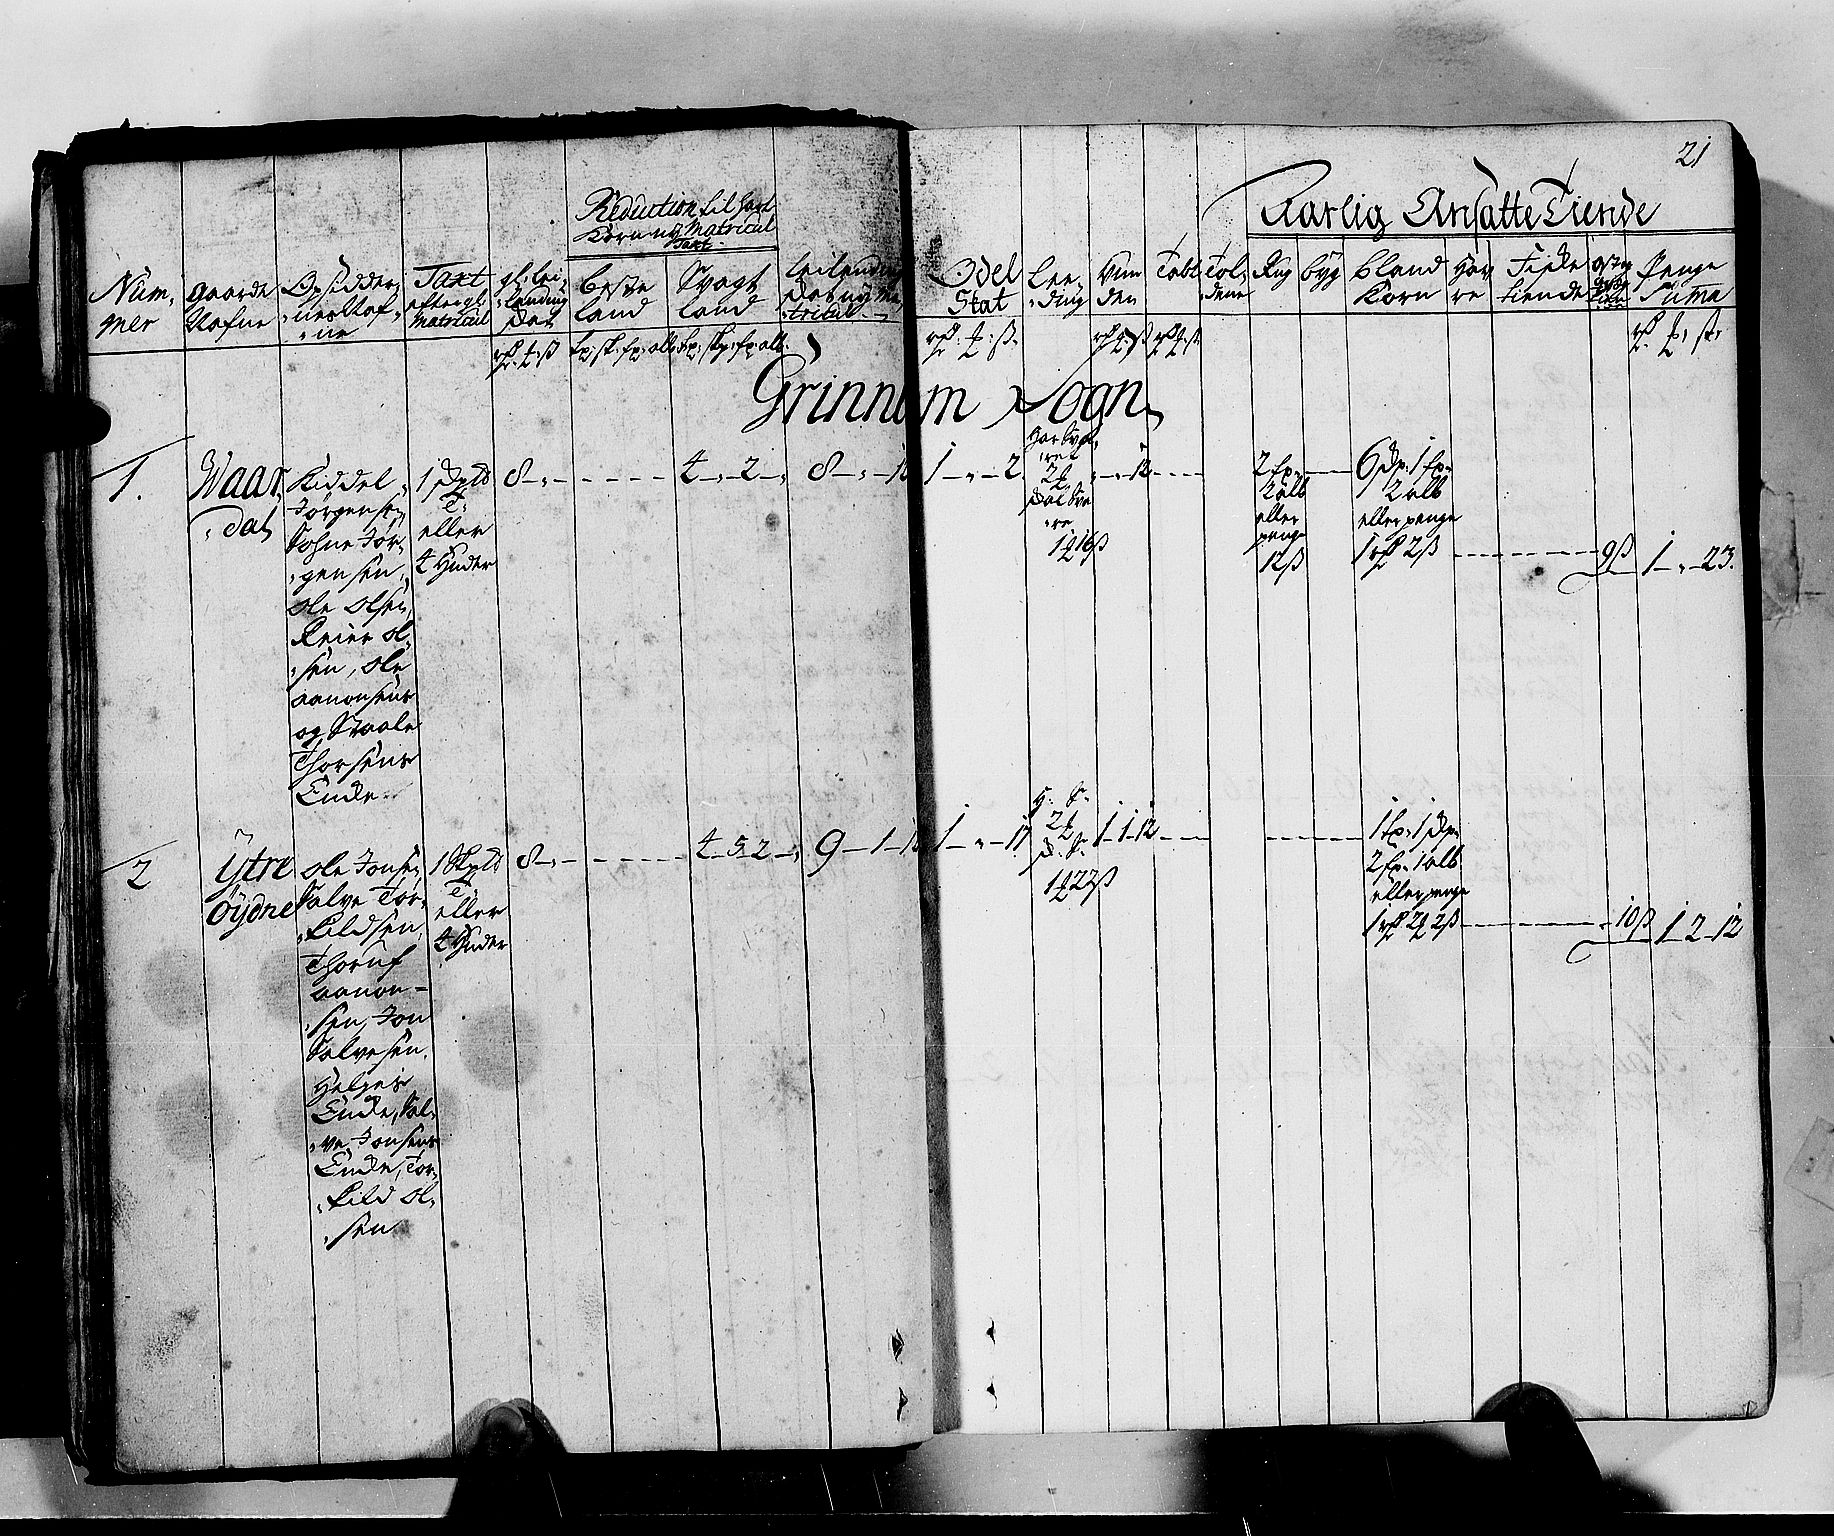 RA, Rentekammeret inntil 1814, Realistisk ordnet avdeling, N/Nb/Nbf/L0130: Lista matrikkelprotokoll, 1723, s. 20b-21a